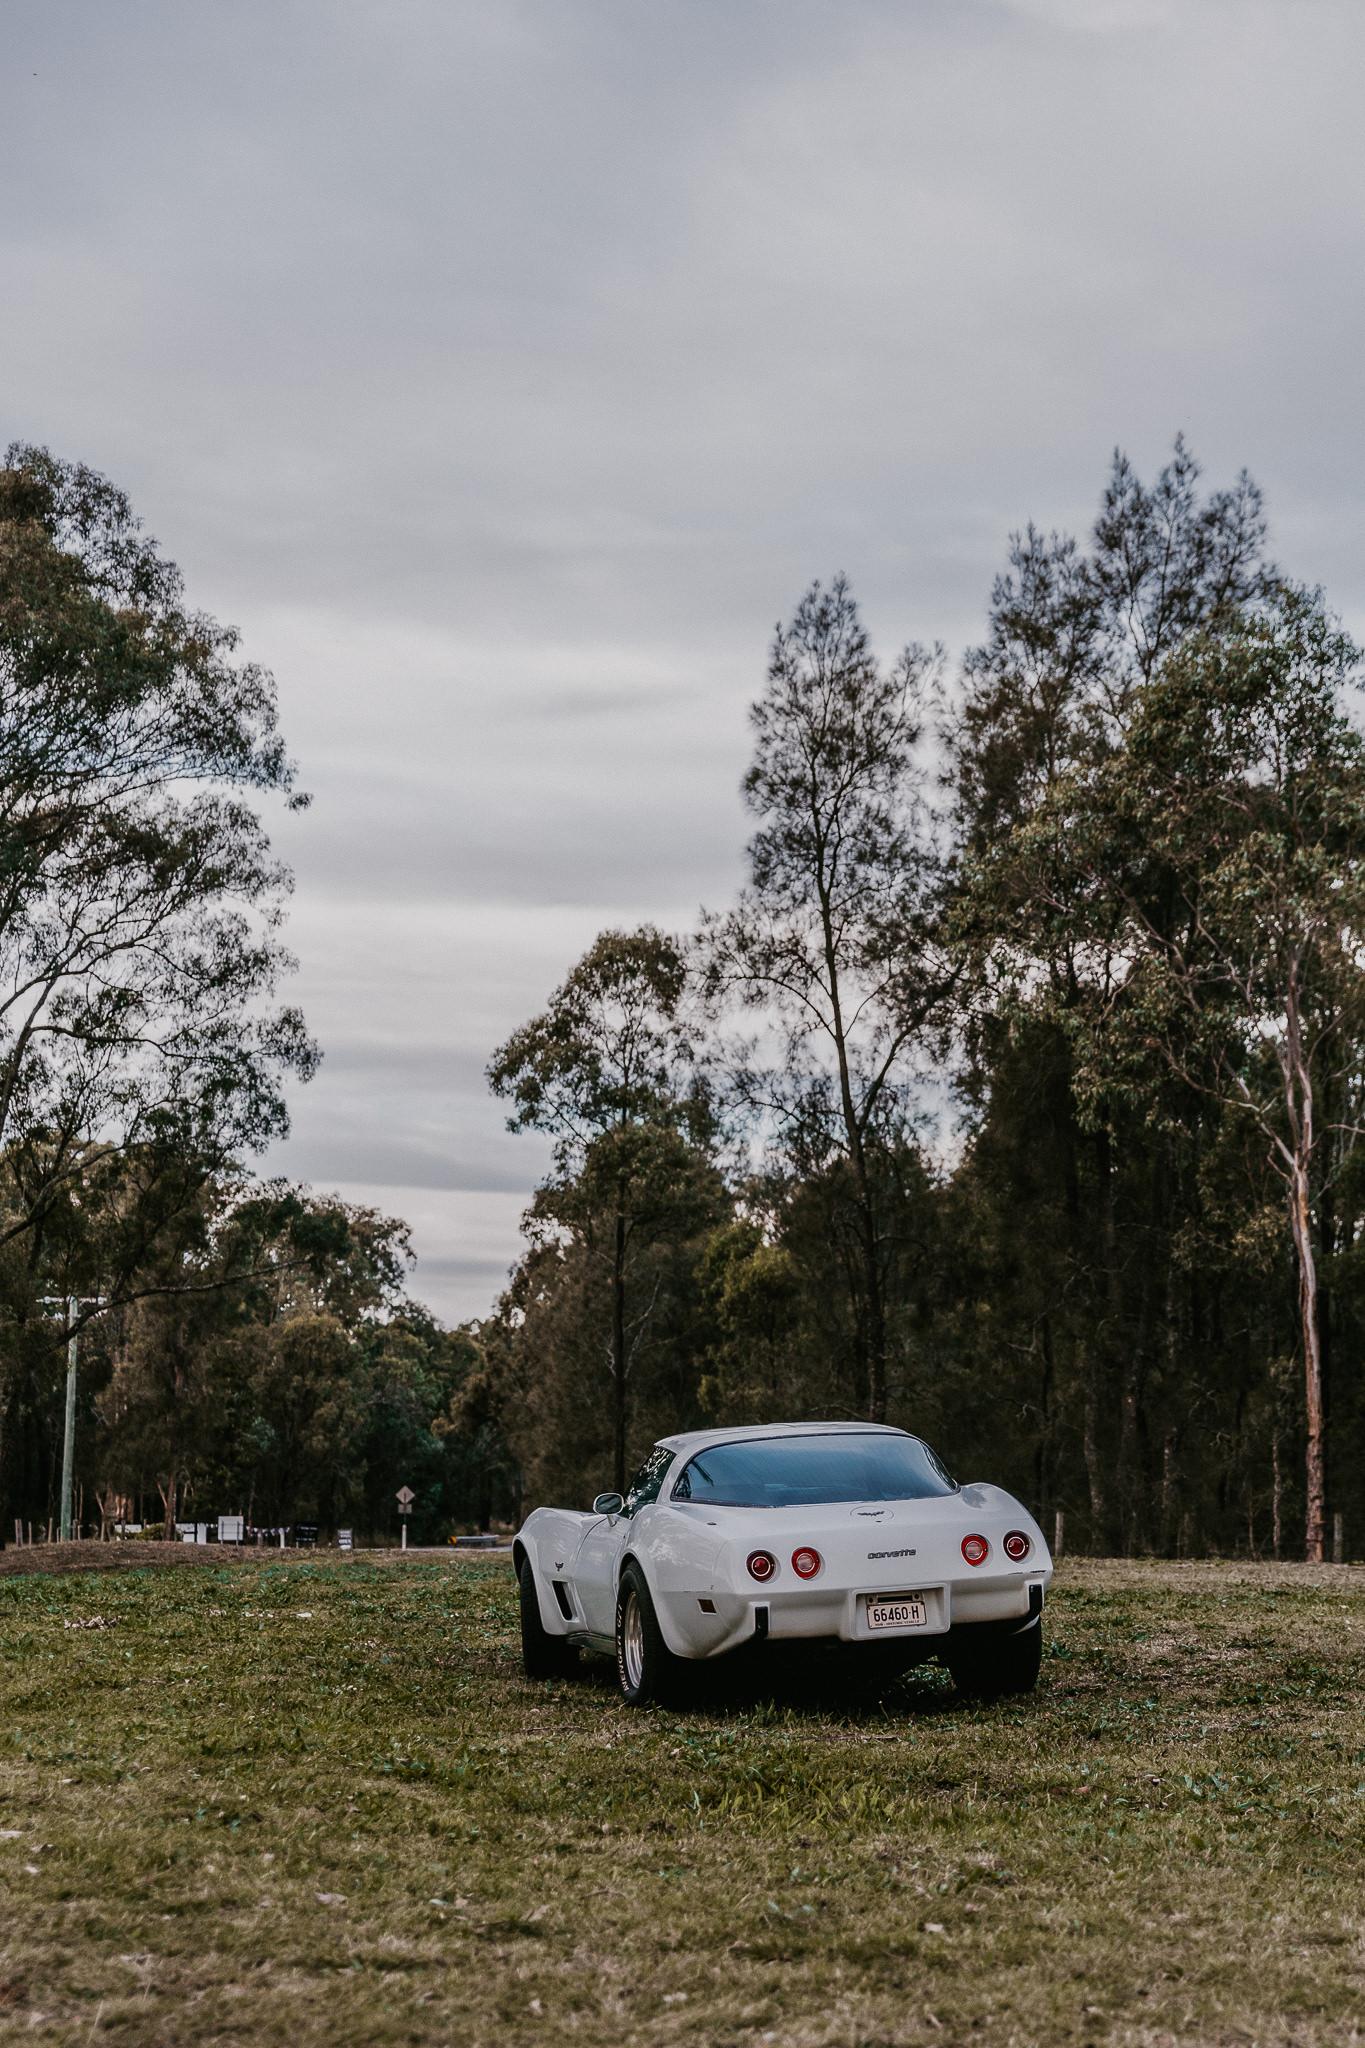 lucia_braham_lindsay_oconnell_corvette_c3_petrolette_6.jpeg